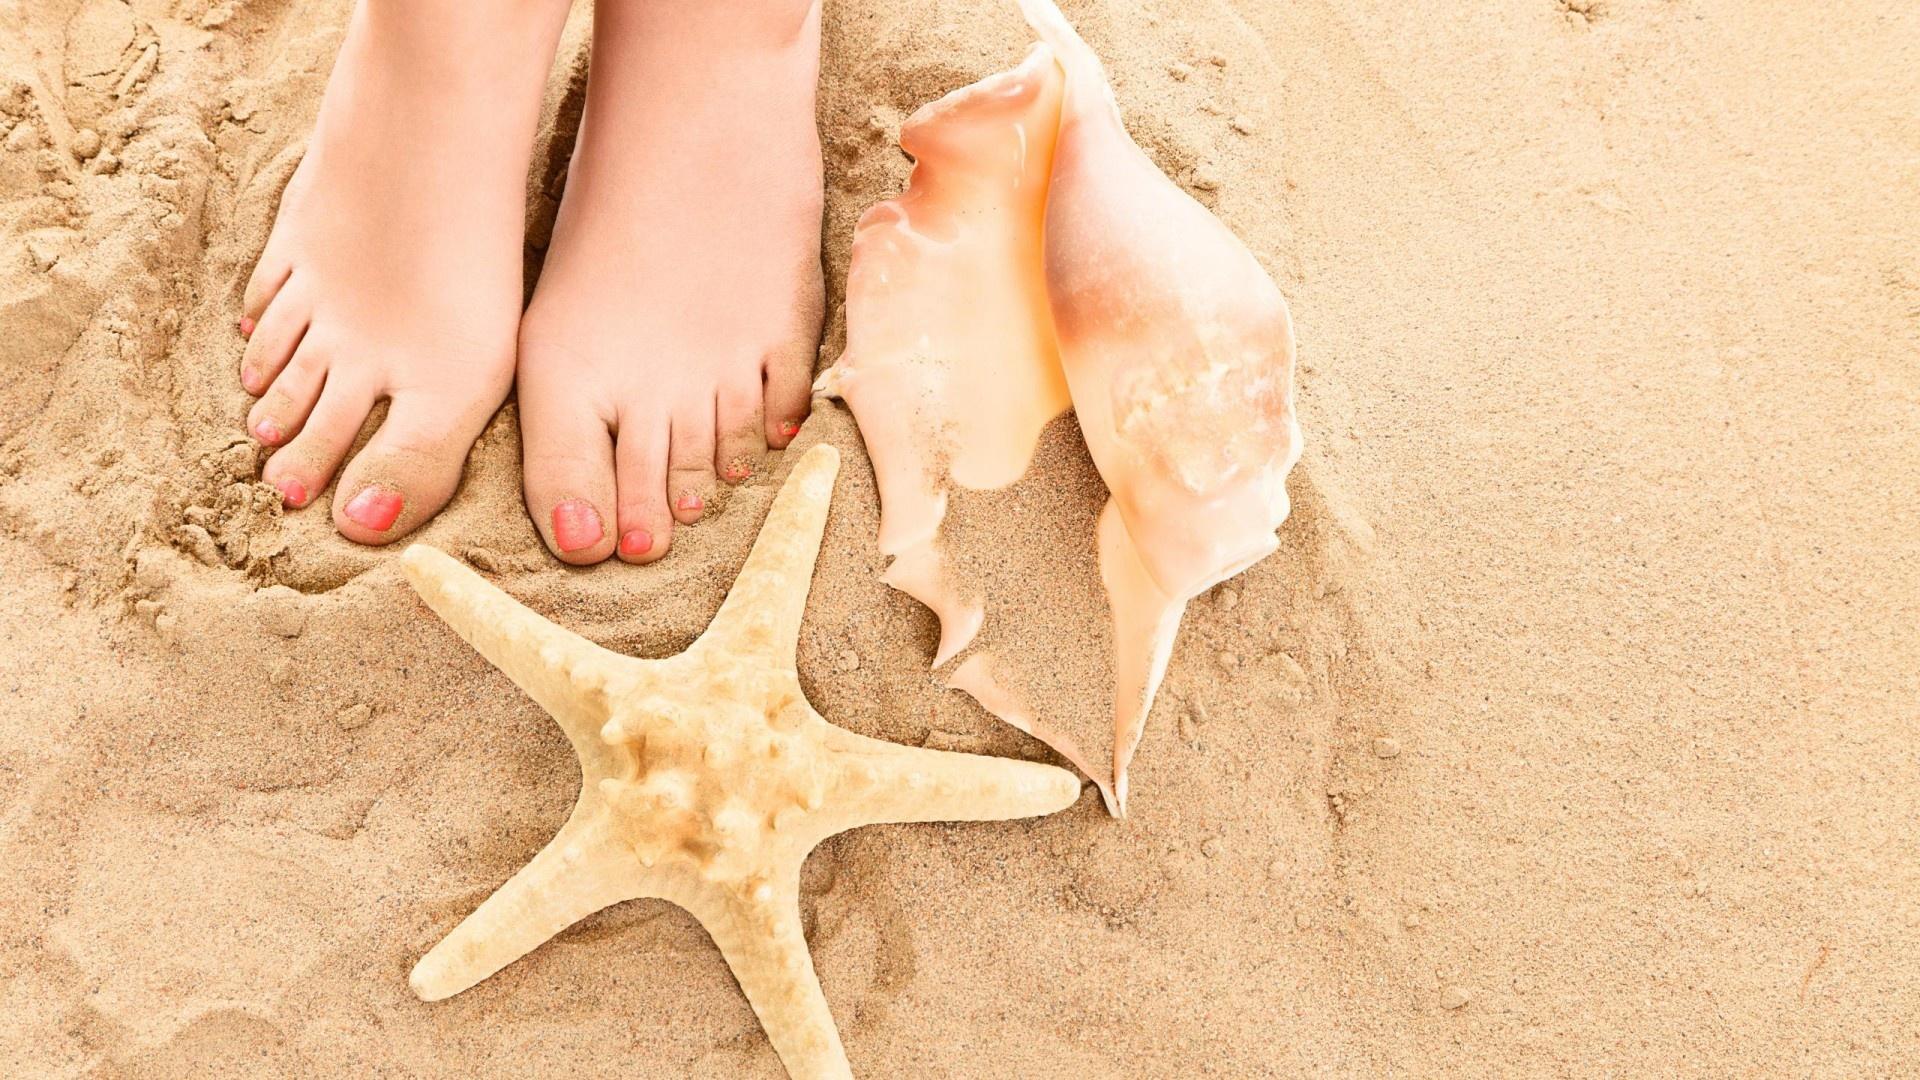 zomerherinneringen - voeten in het zand